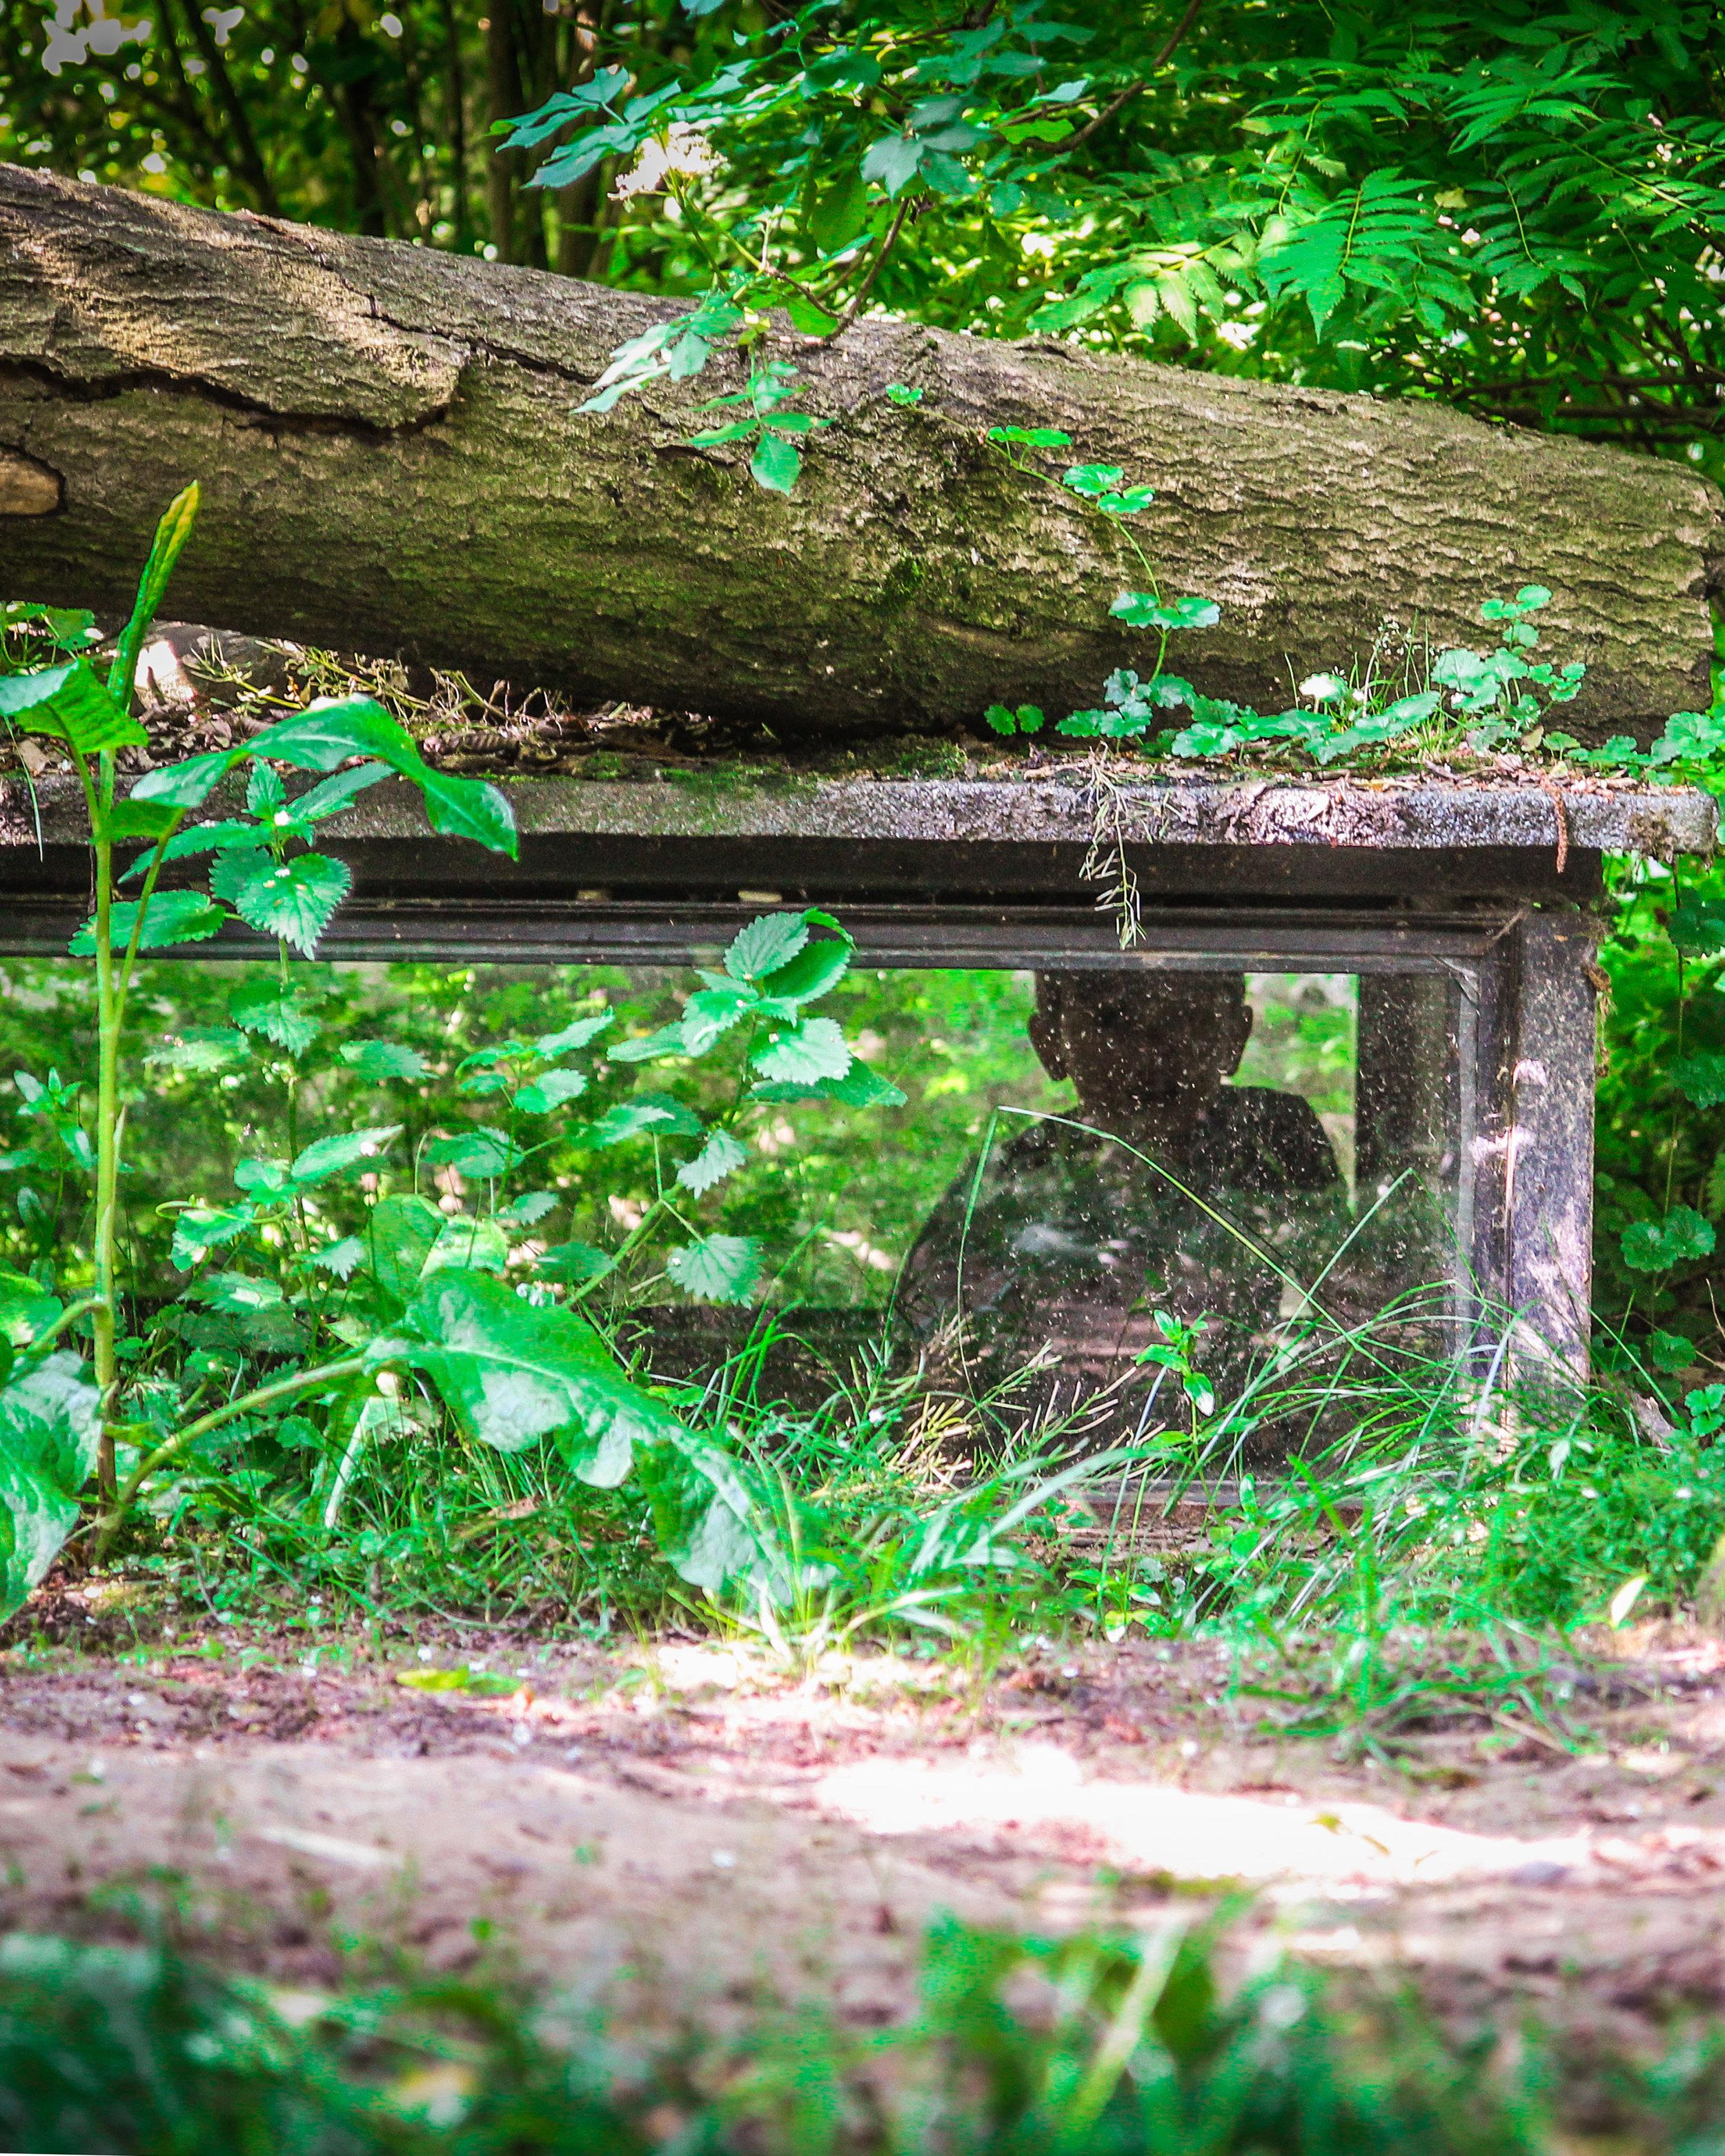 Limburglonkt - Kerkrade Gaiazoo - kinderen tussen de dieren